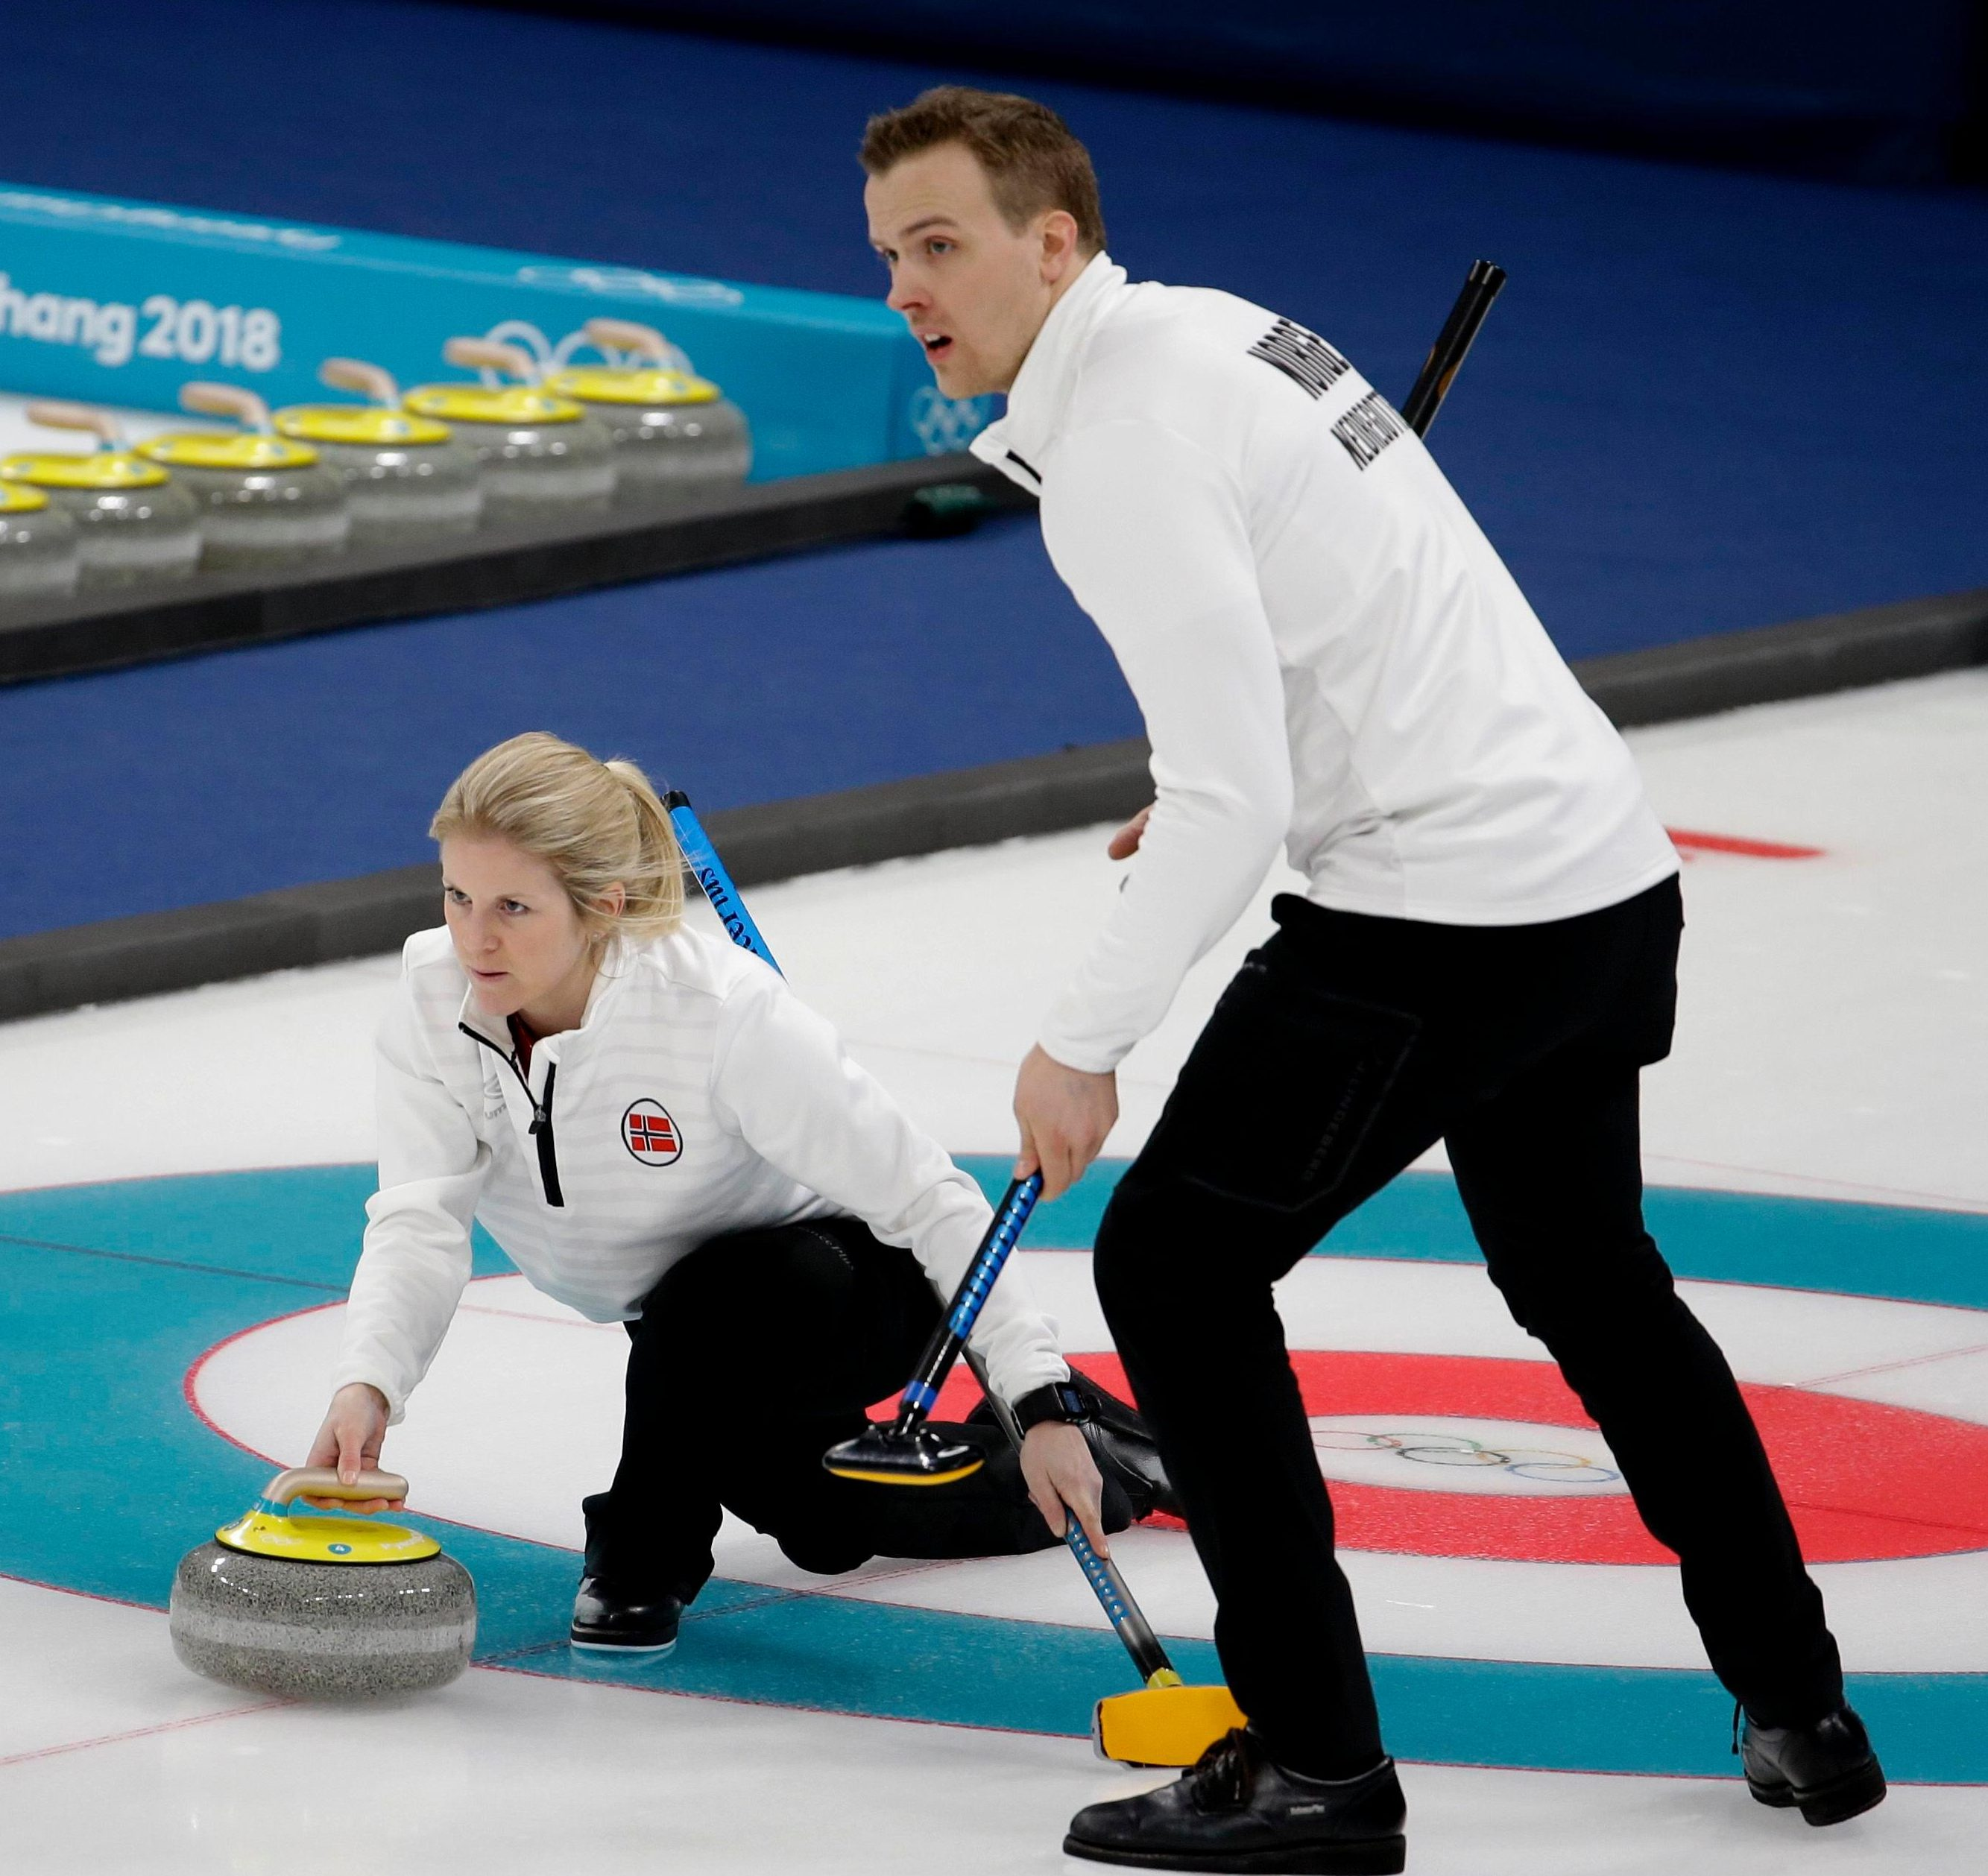 Norway's Kristin Skaslien and Magnus Nedregotten will take third place instead